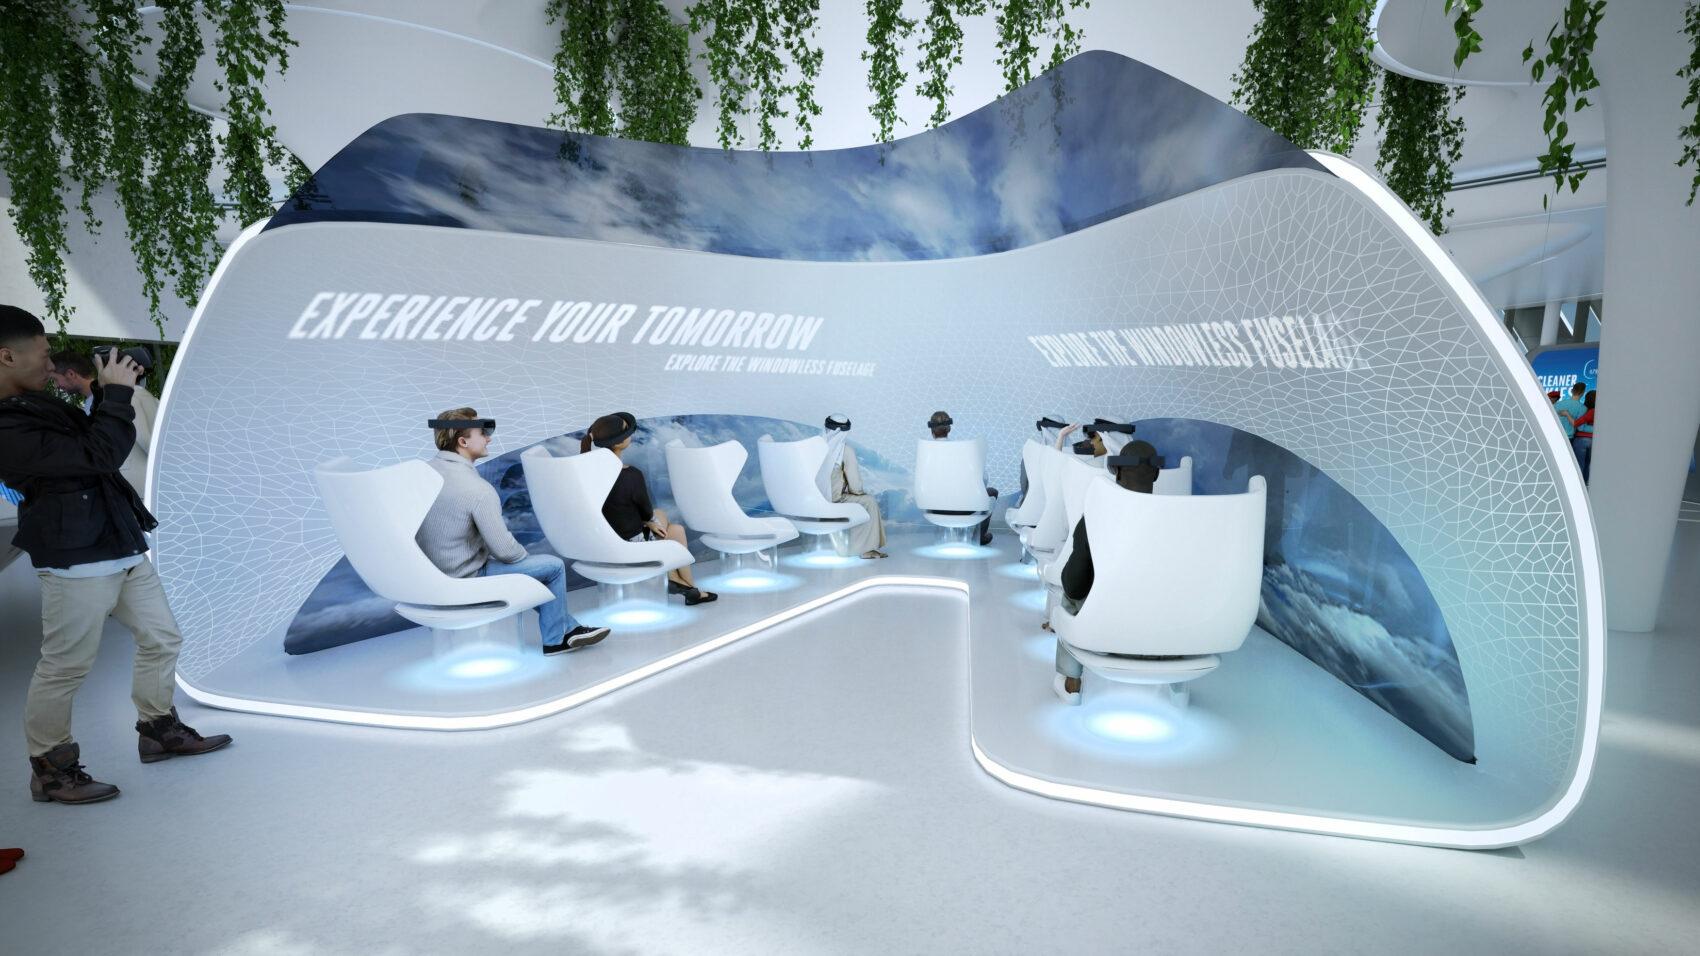 Emirates Expo 2020 pavilion